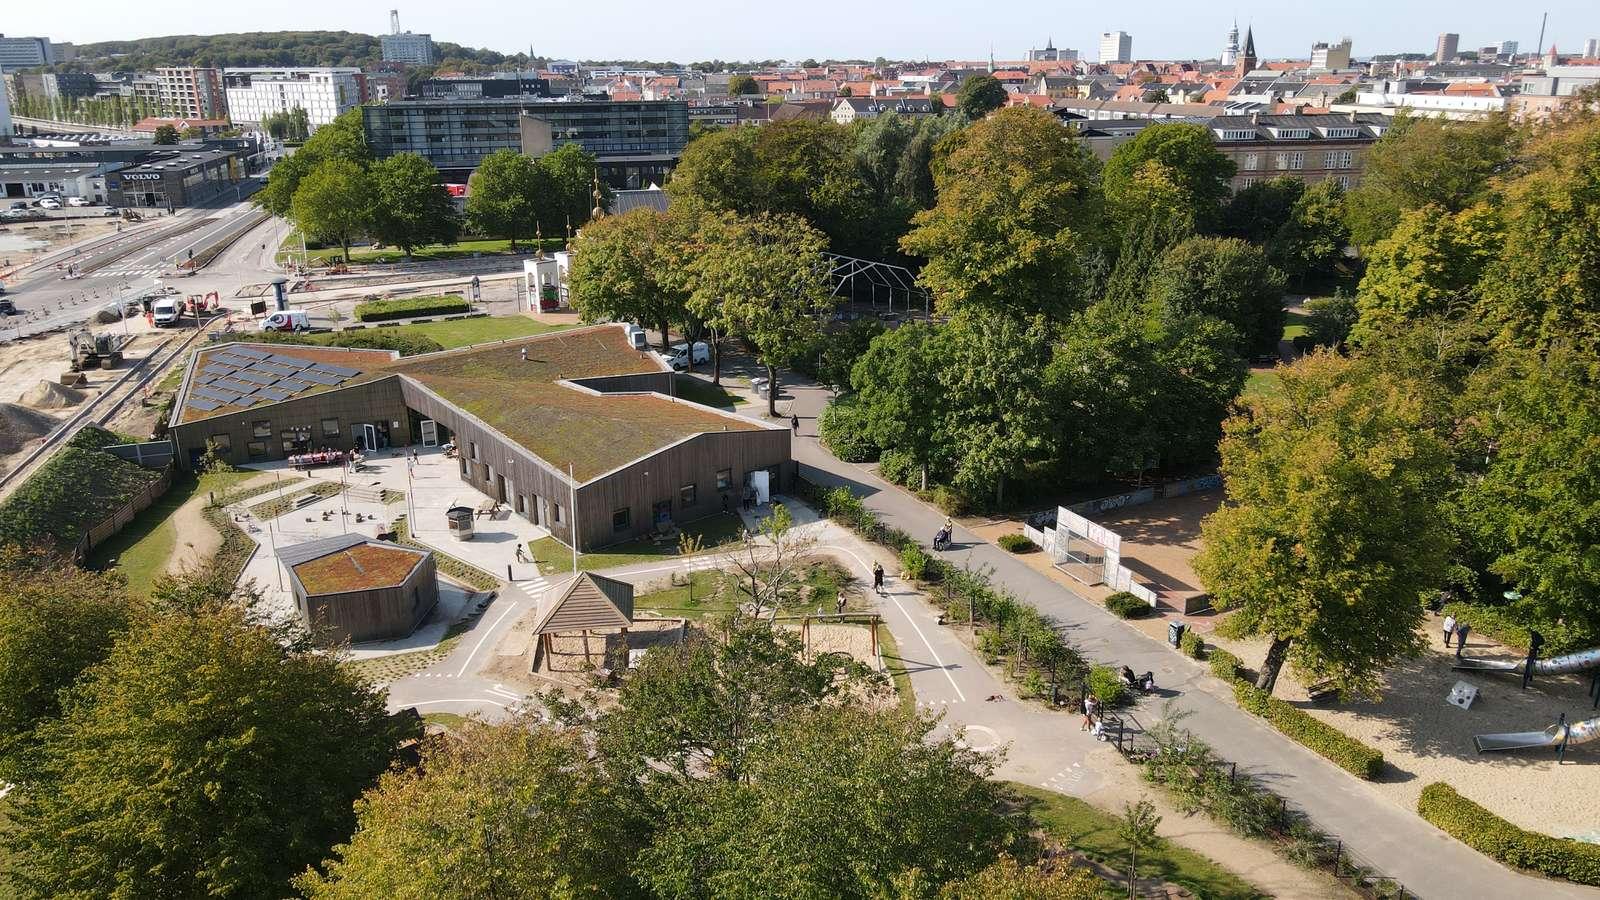 Løfter sløret for budgettet: Aalborg Kommune vil afsætte penge til Aalborg Håndbold